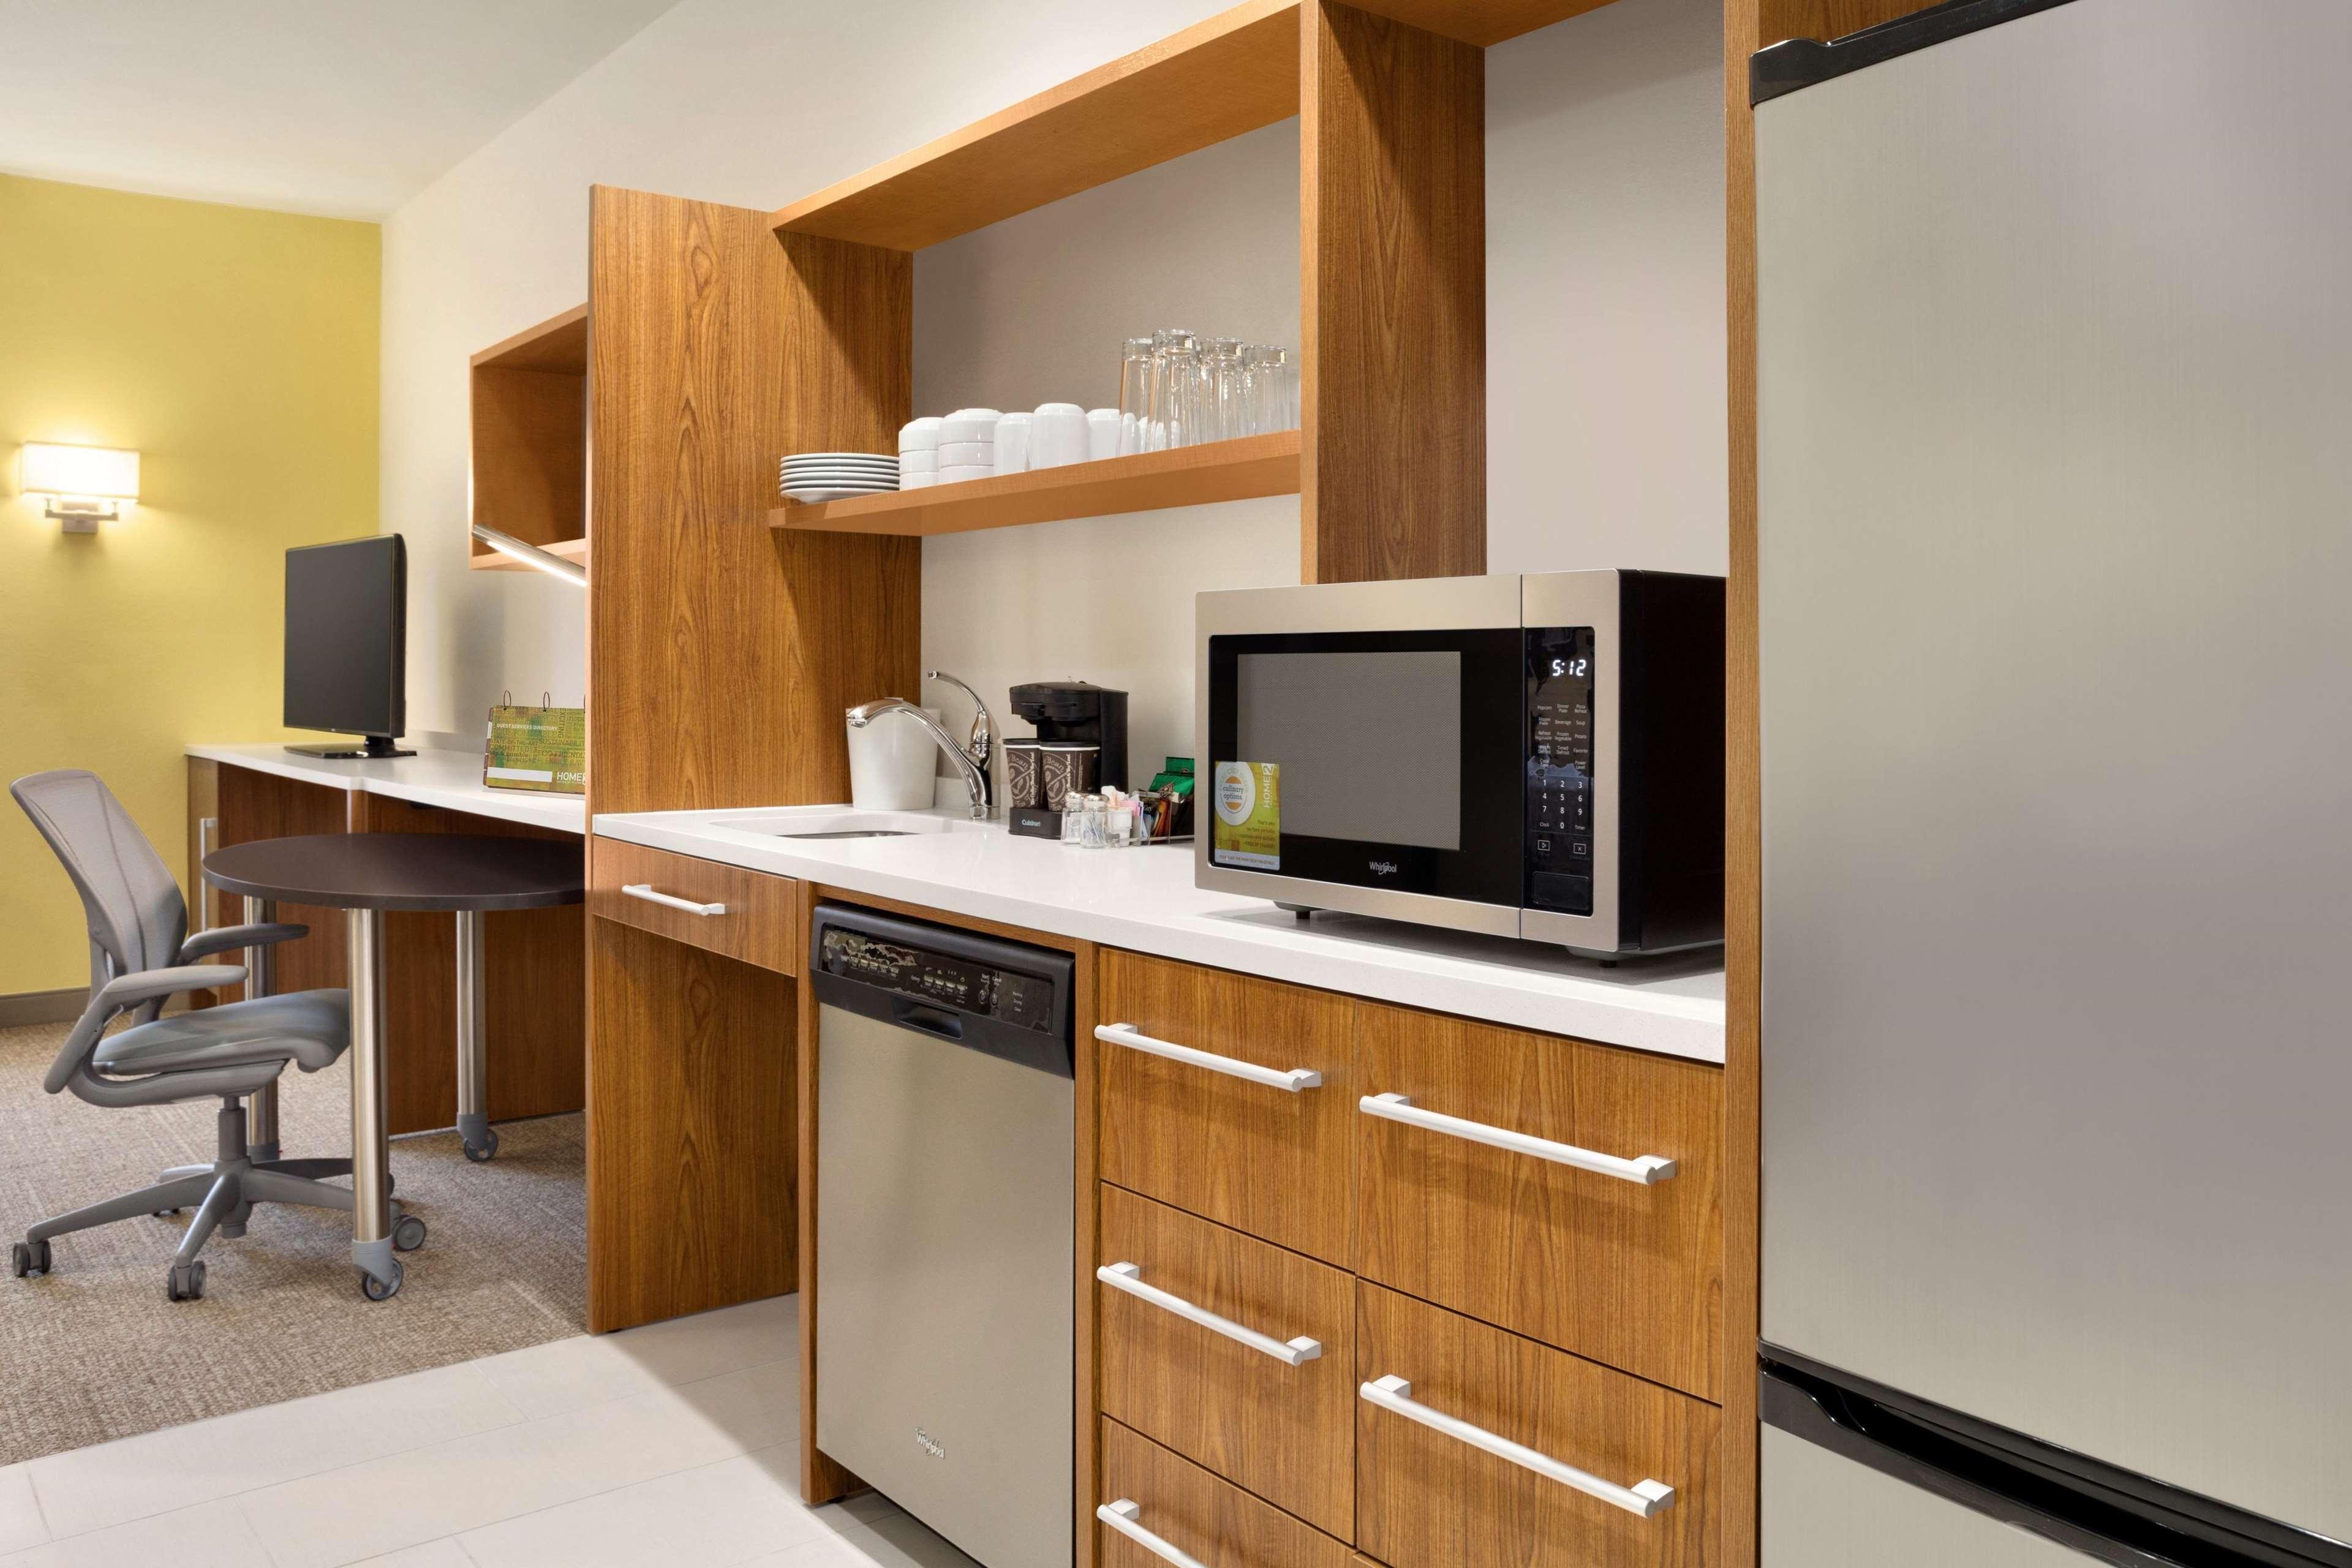 Home2 Suites by Hilton Birmingham Downtown image 13